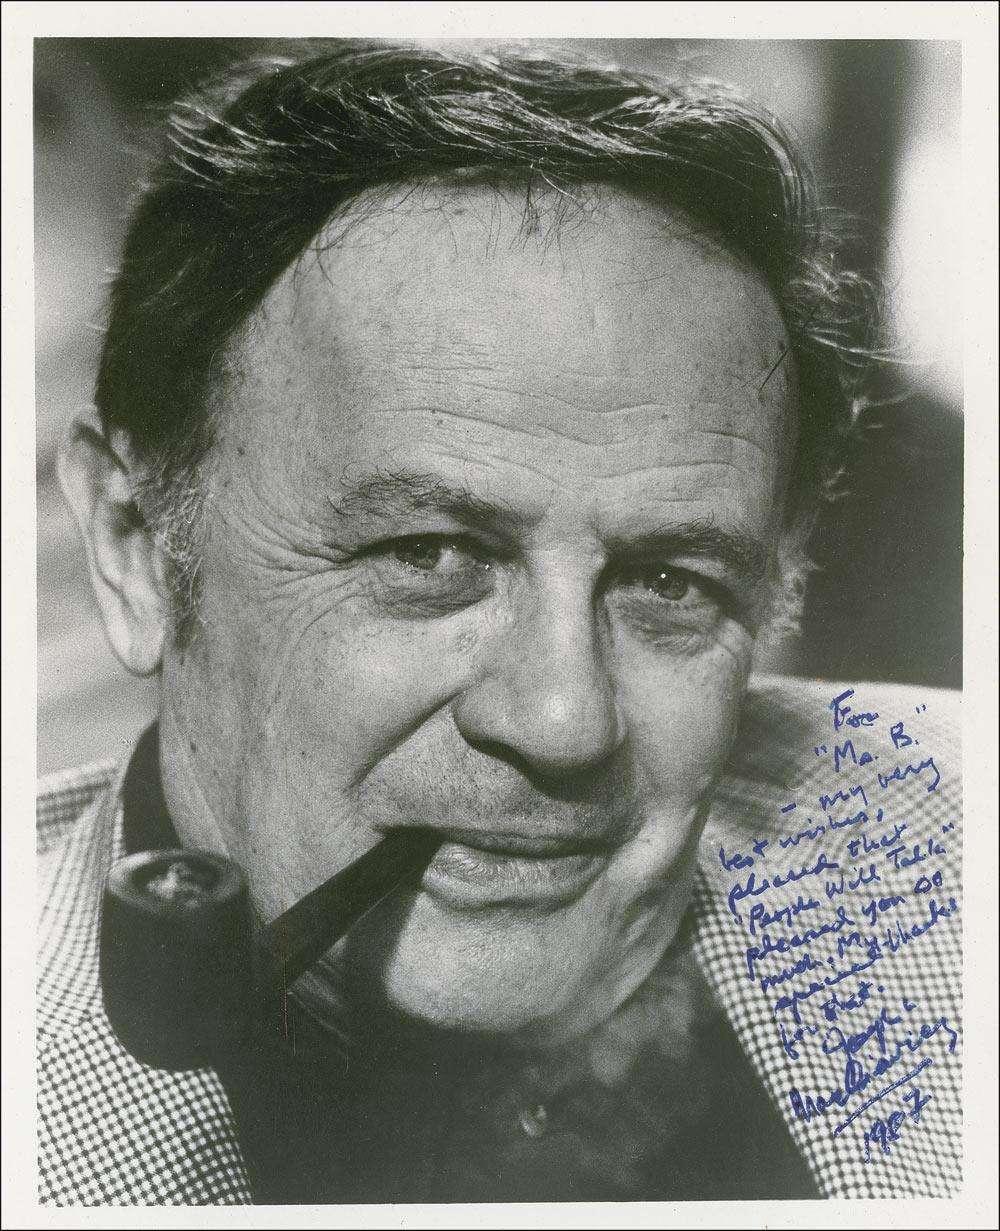 Τζόζεφ Μάνκιεβιτς (Joseph L. Mankiewicz, 1909-1993)